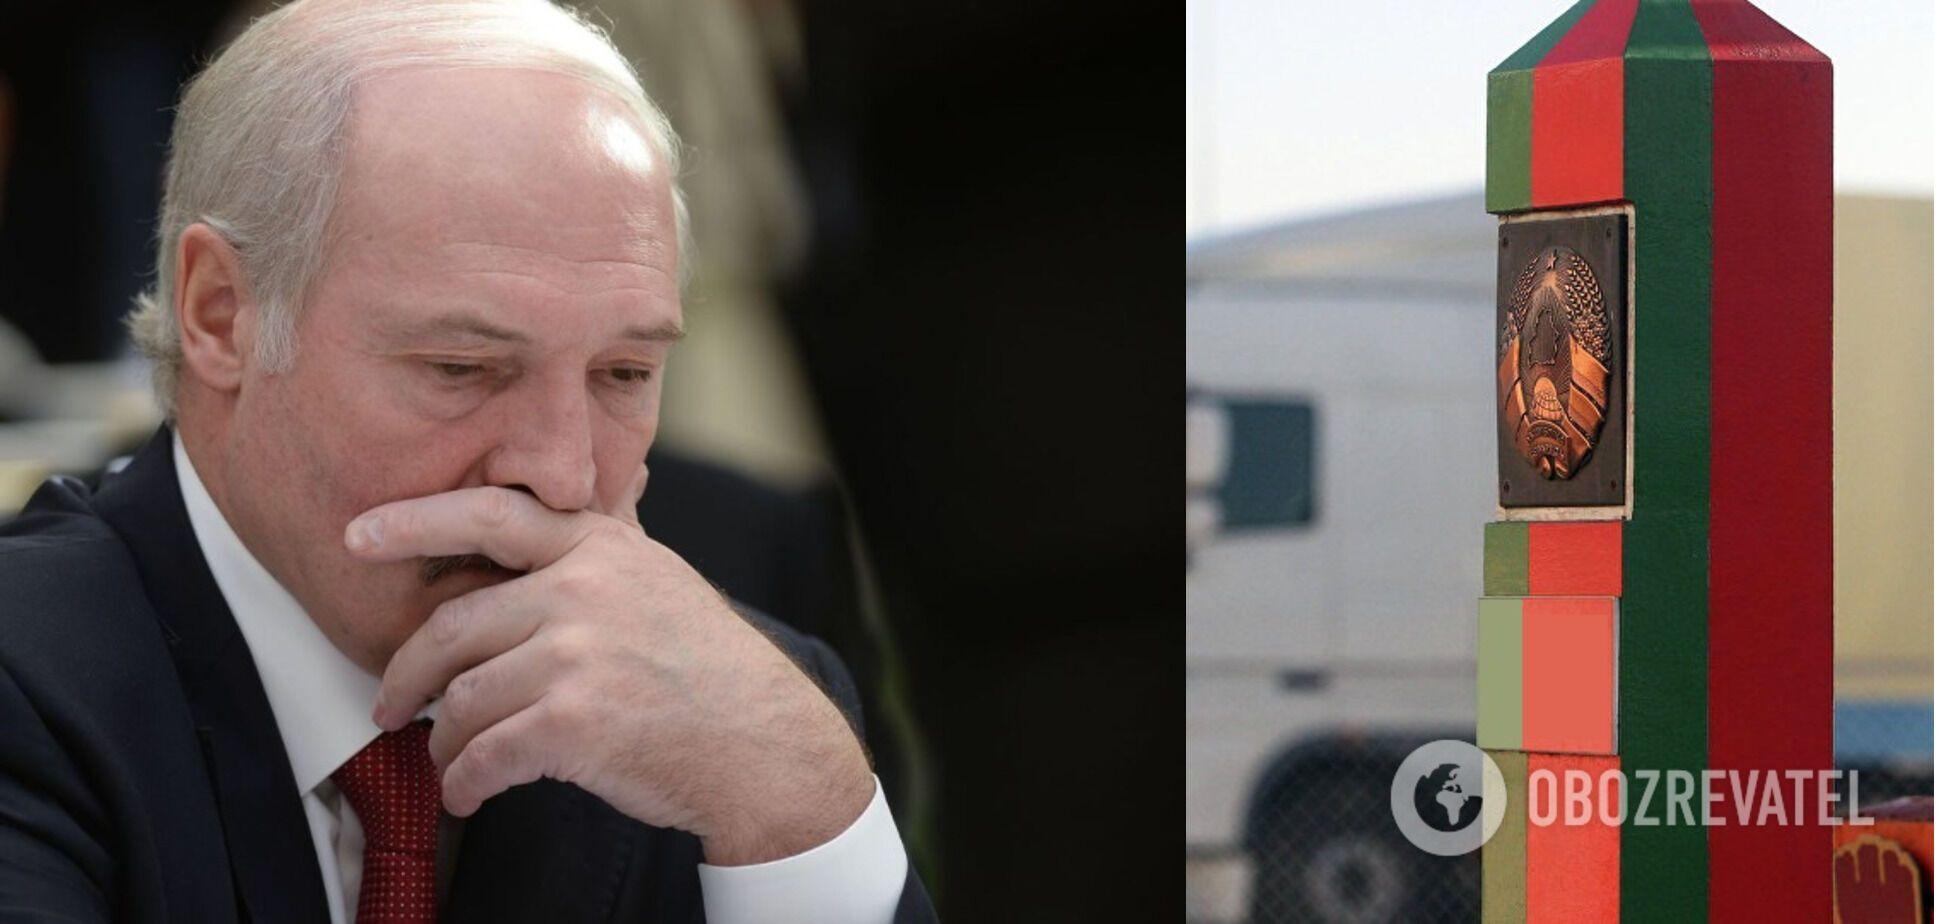 Лукашенко включает 'заднюю': почему Беларусь передумала ссориться с Украиной